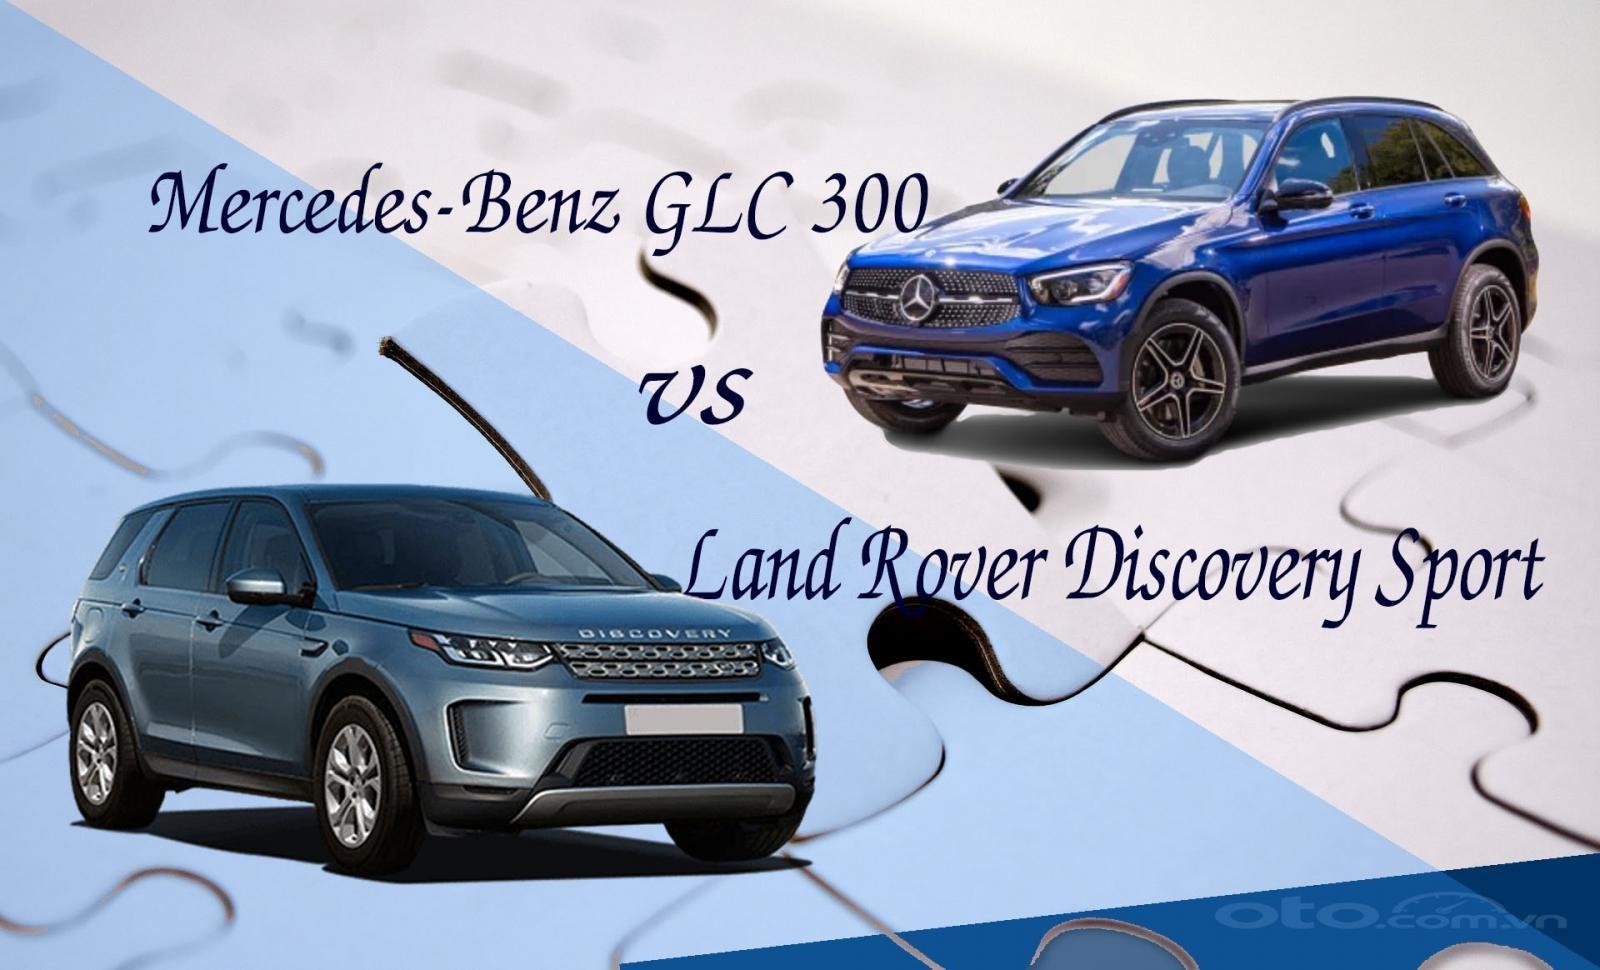 So sánh xe Mercedes-Benz GLC 300 2020 và Land Rover Discovery Sport 2020 vừa ra mắt Việt Nam